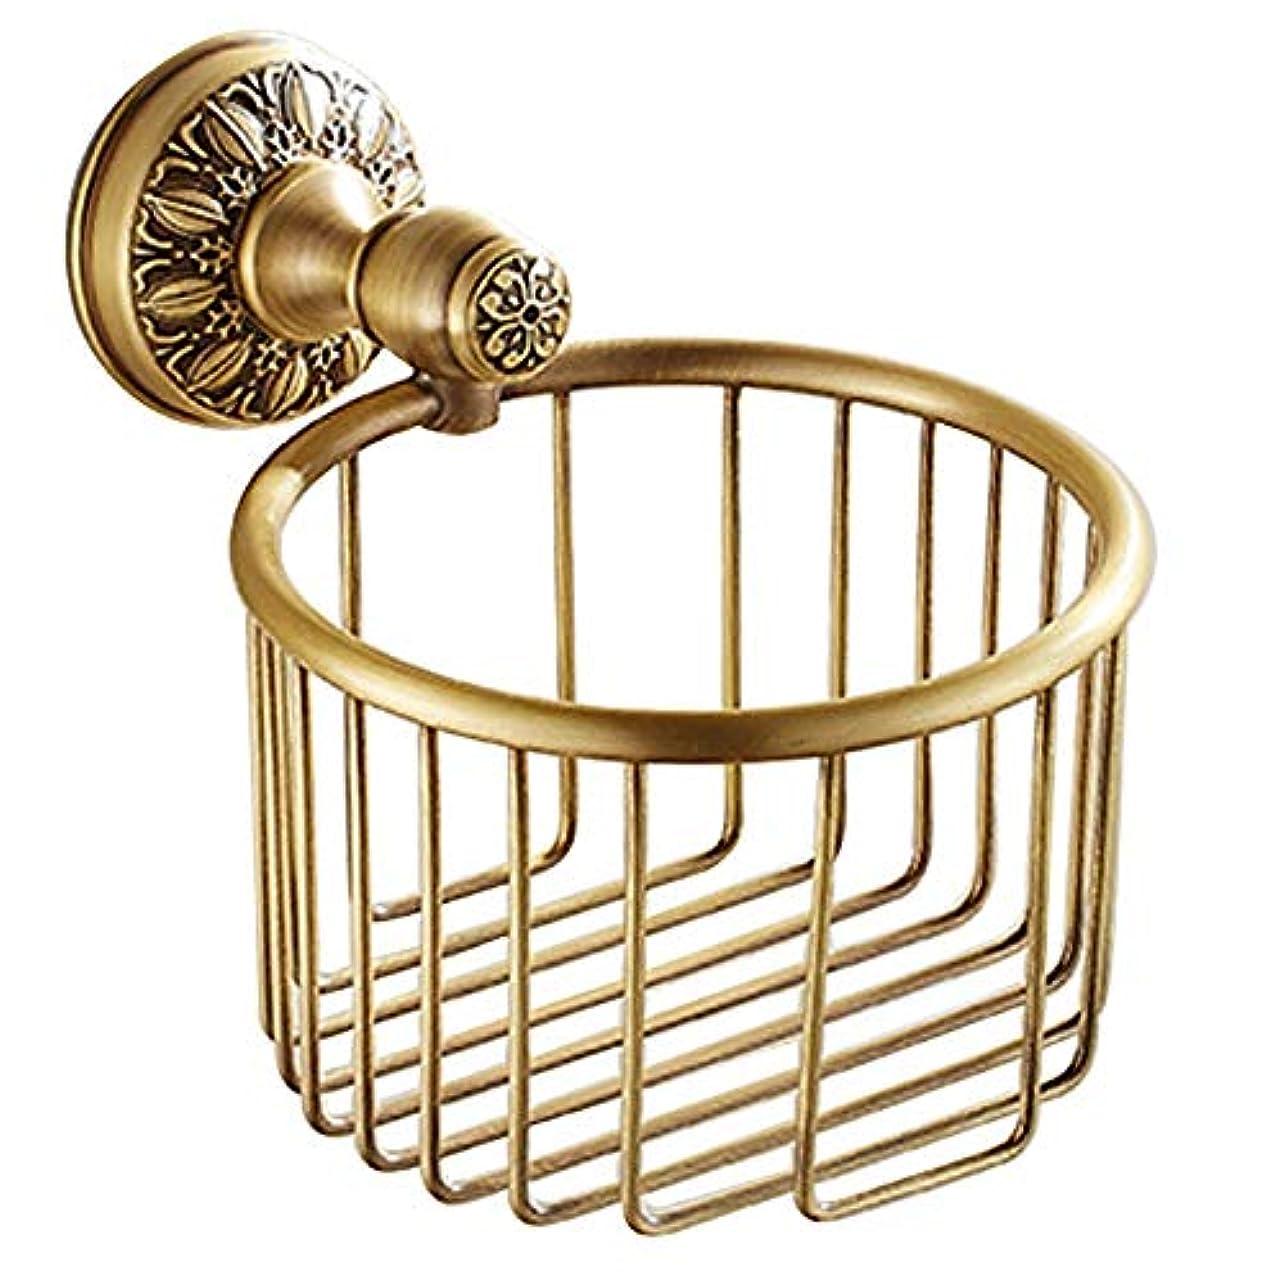 不振ピーブ適応するZZLX 紙タオルホルダー、ヨーロッパスタイルのフル銅模倣アンティークバスルームトイレットペーパータオルホルダー ロングハンドル風呂ブラシ